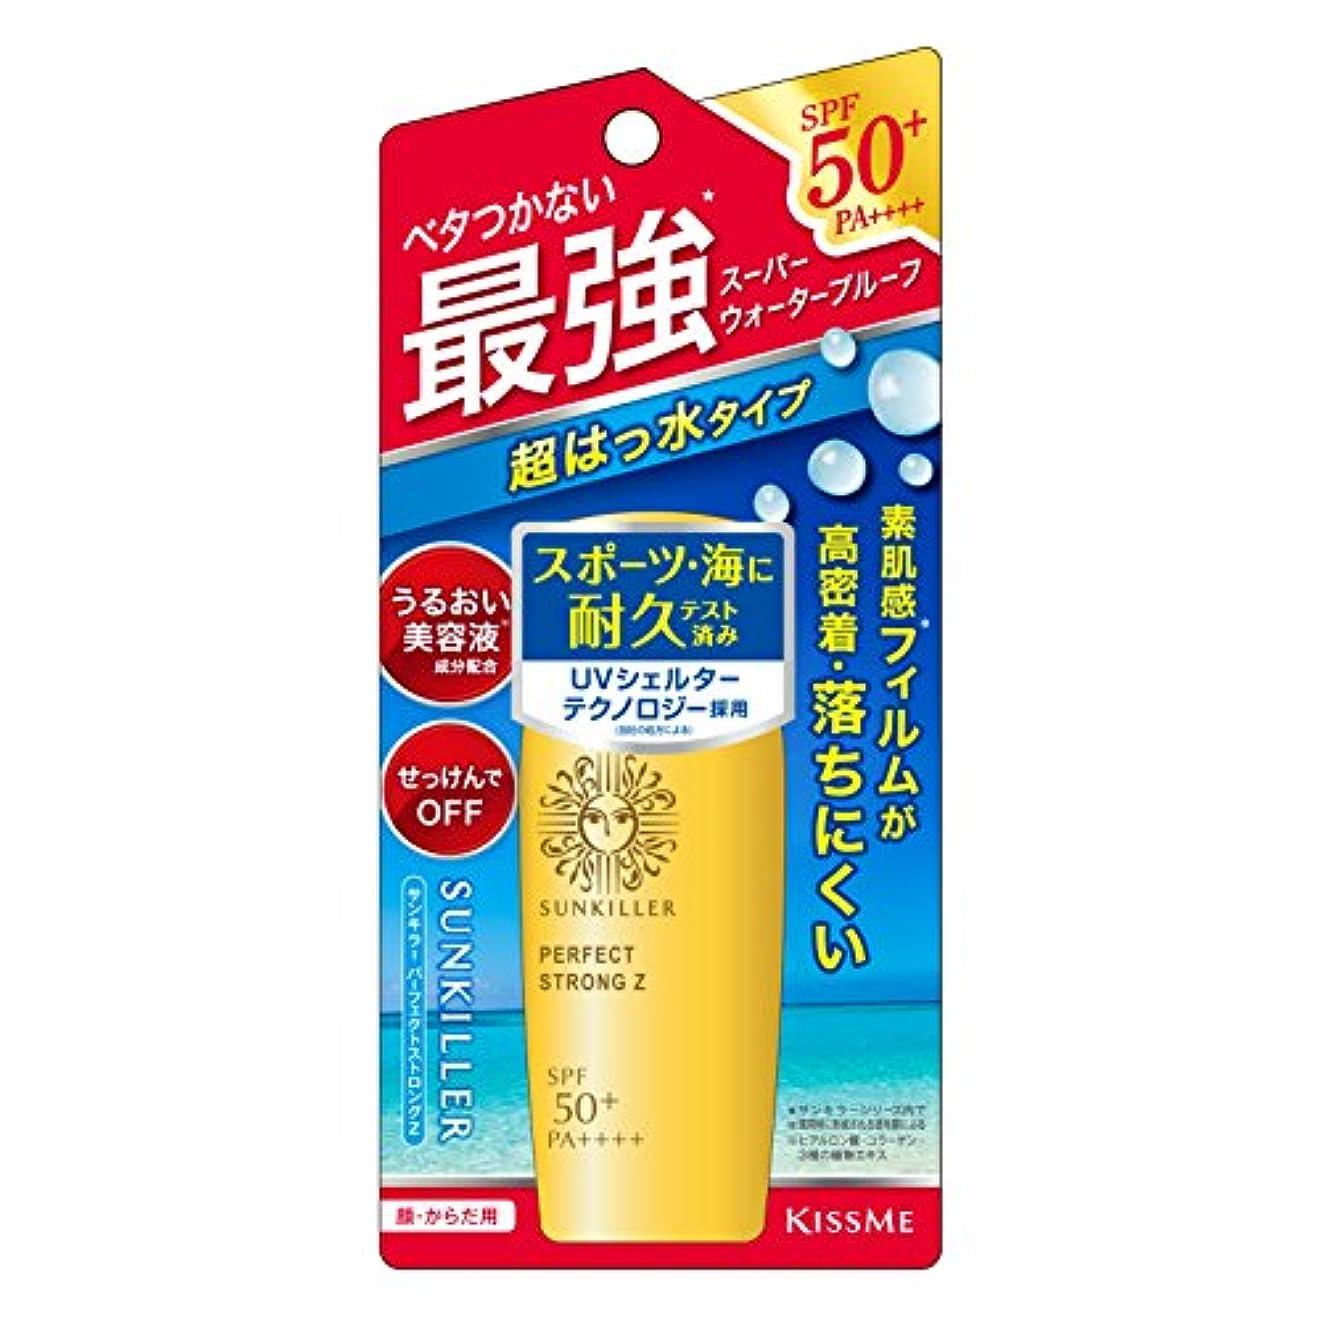 香ばしいペルソナバズサンキラー パーフェクトストロングZ SPF50+ PA++++ 30ml